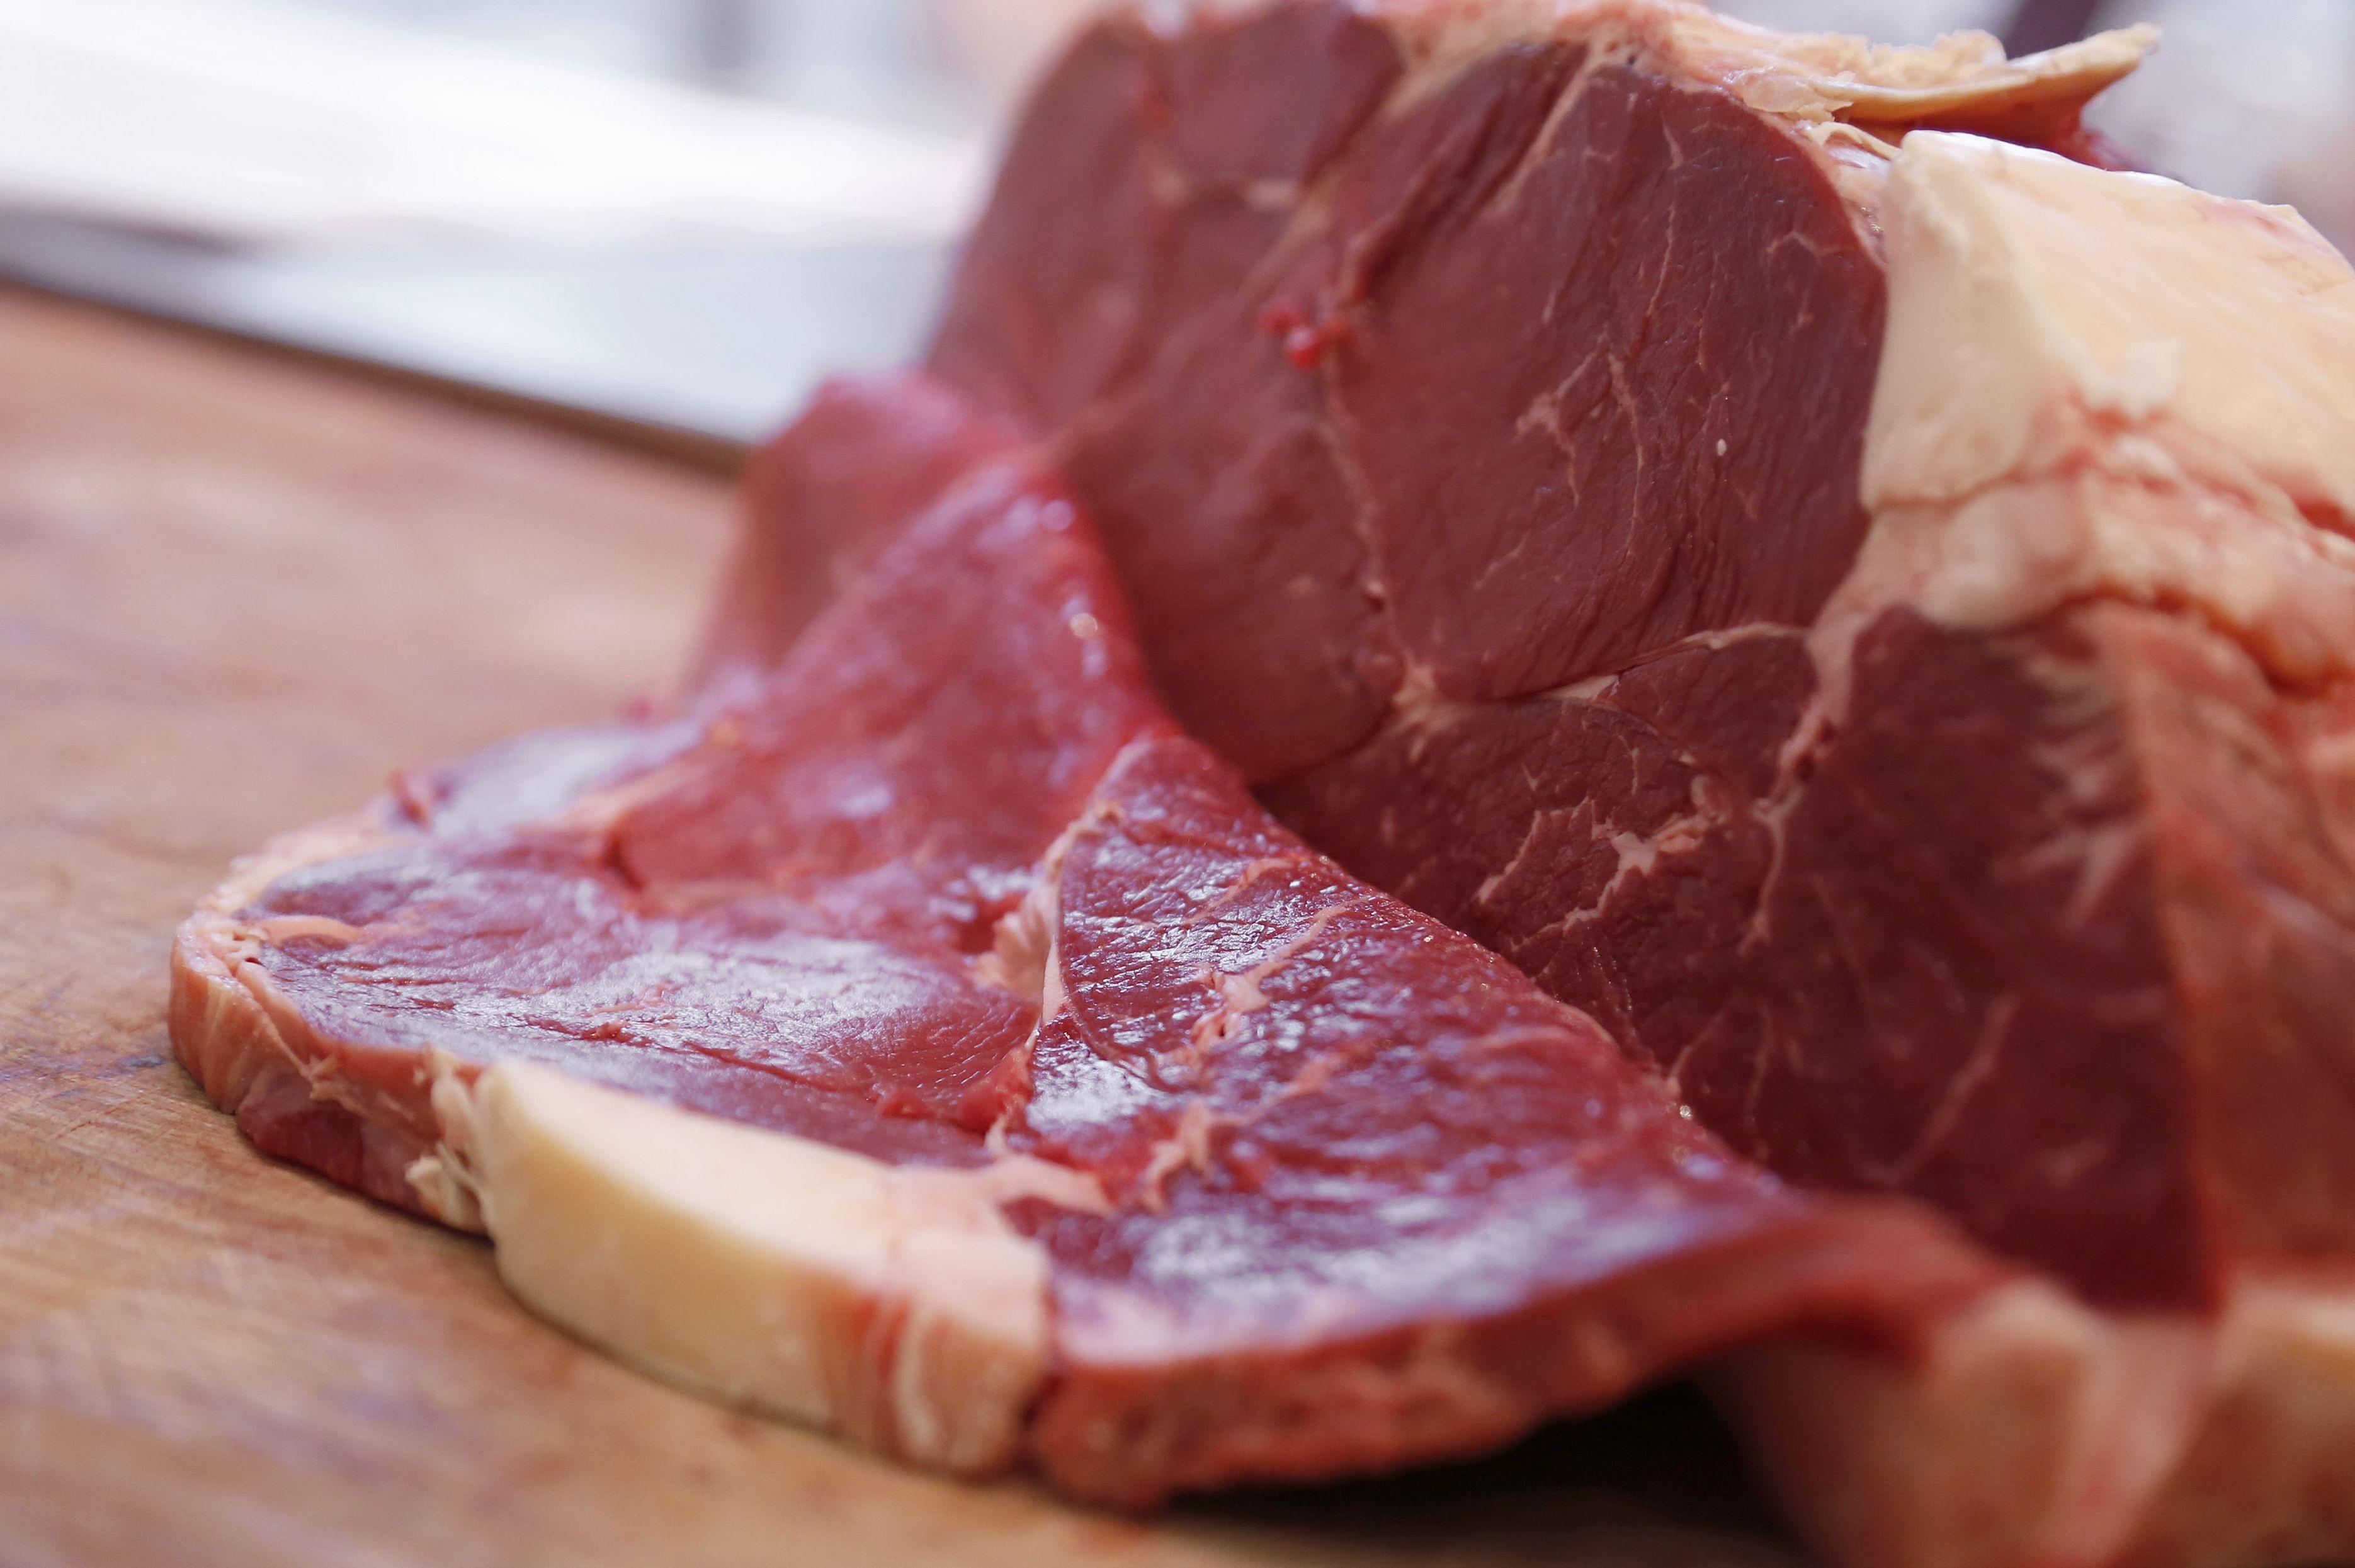 Comprar buena carne en Santa María de Getxo